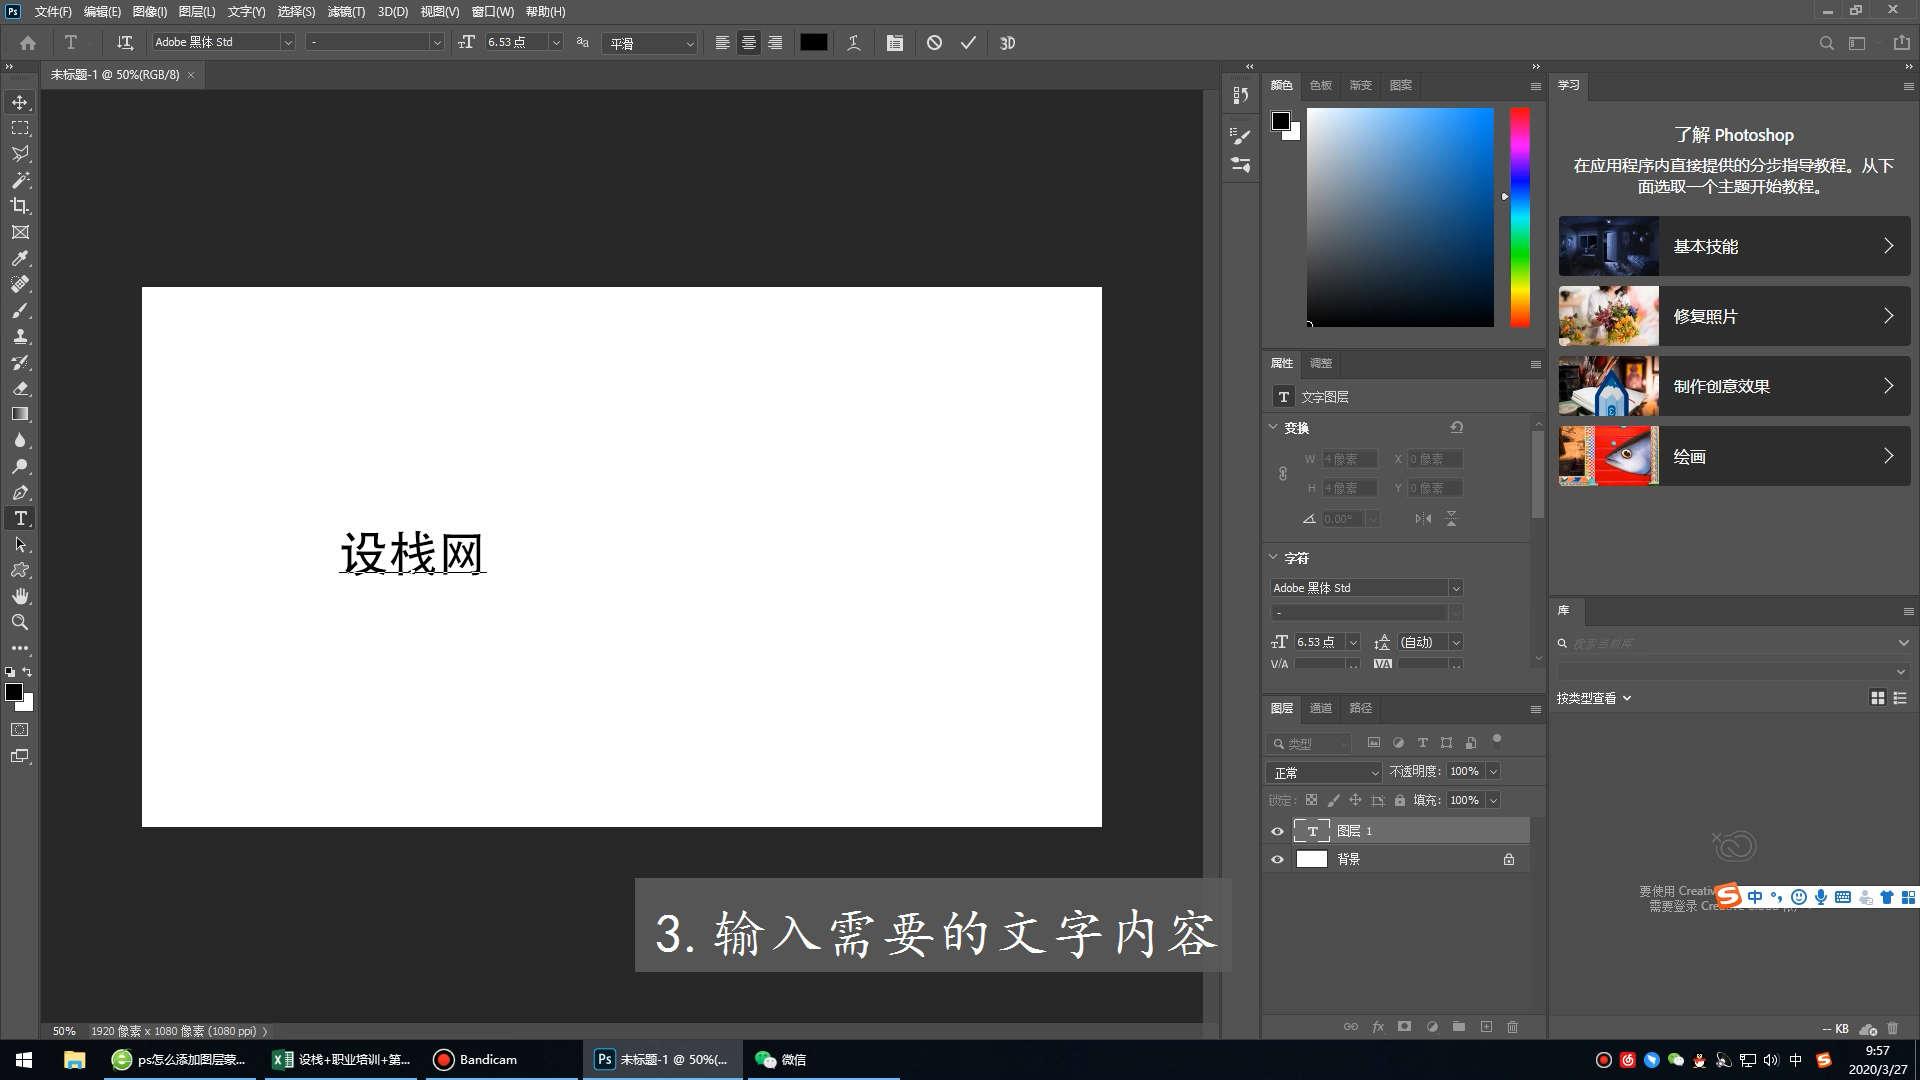 如何给图片编辑添加文字第3步